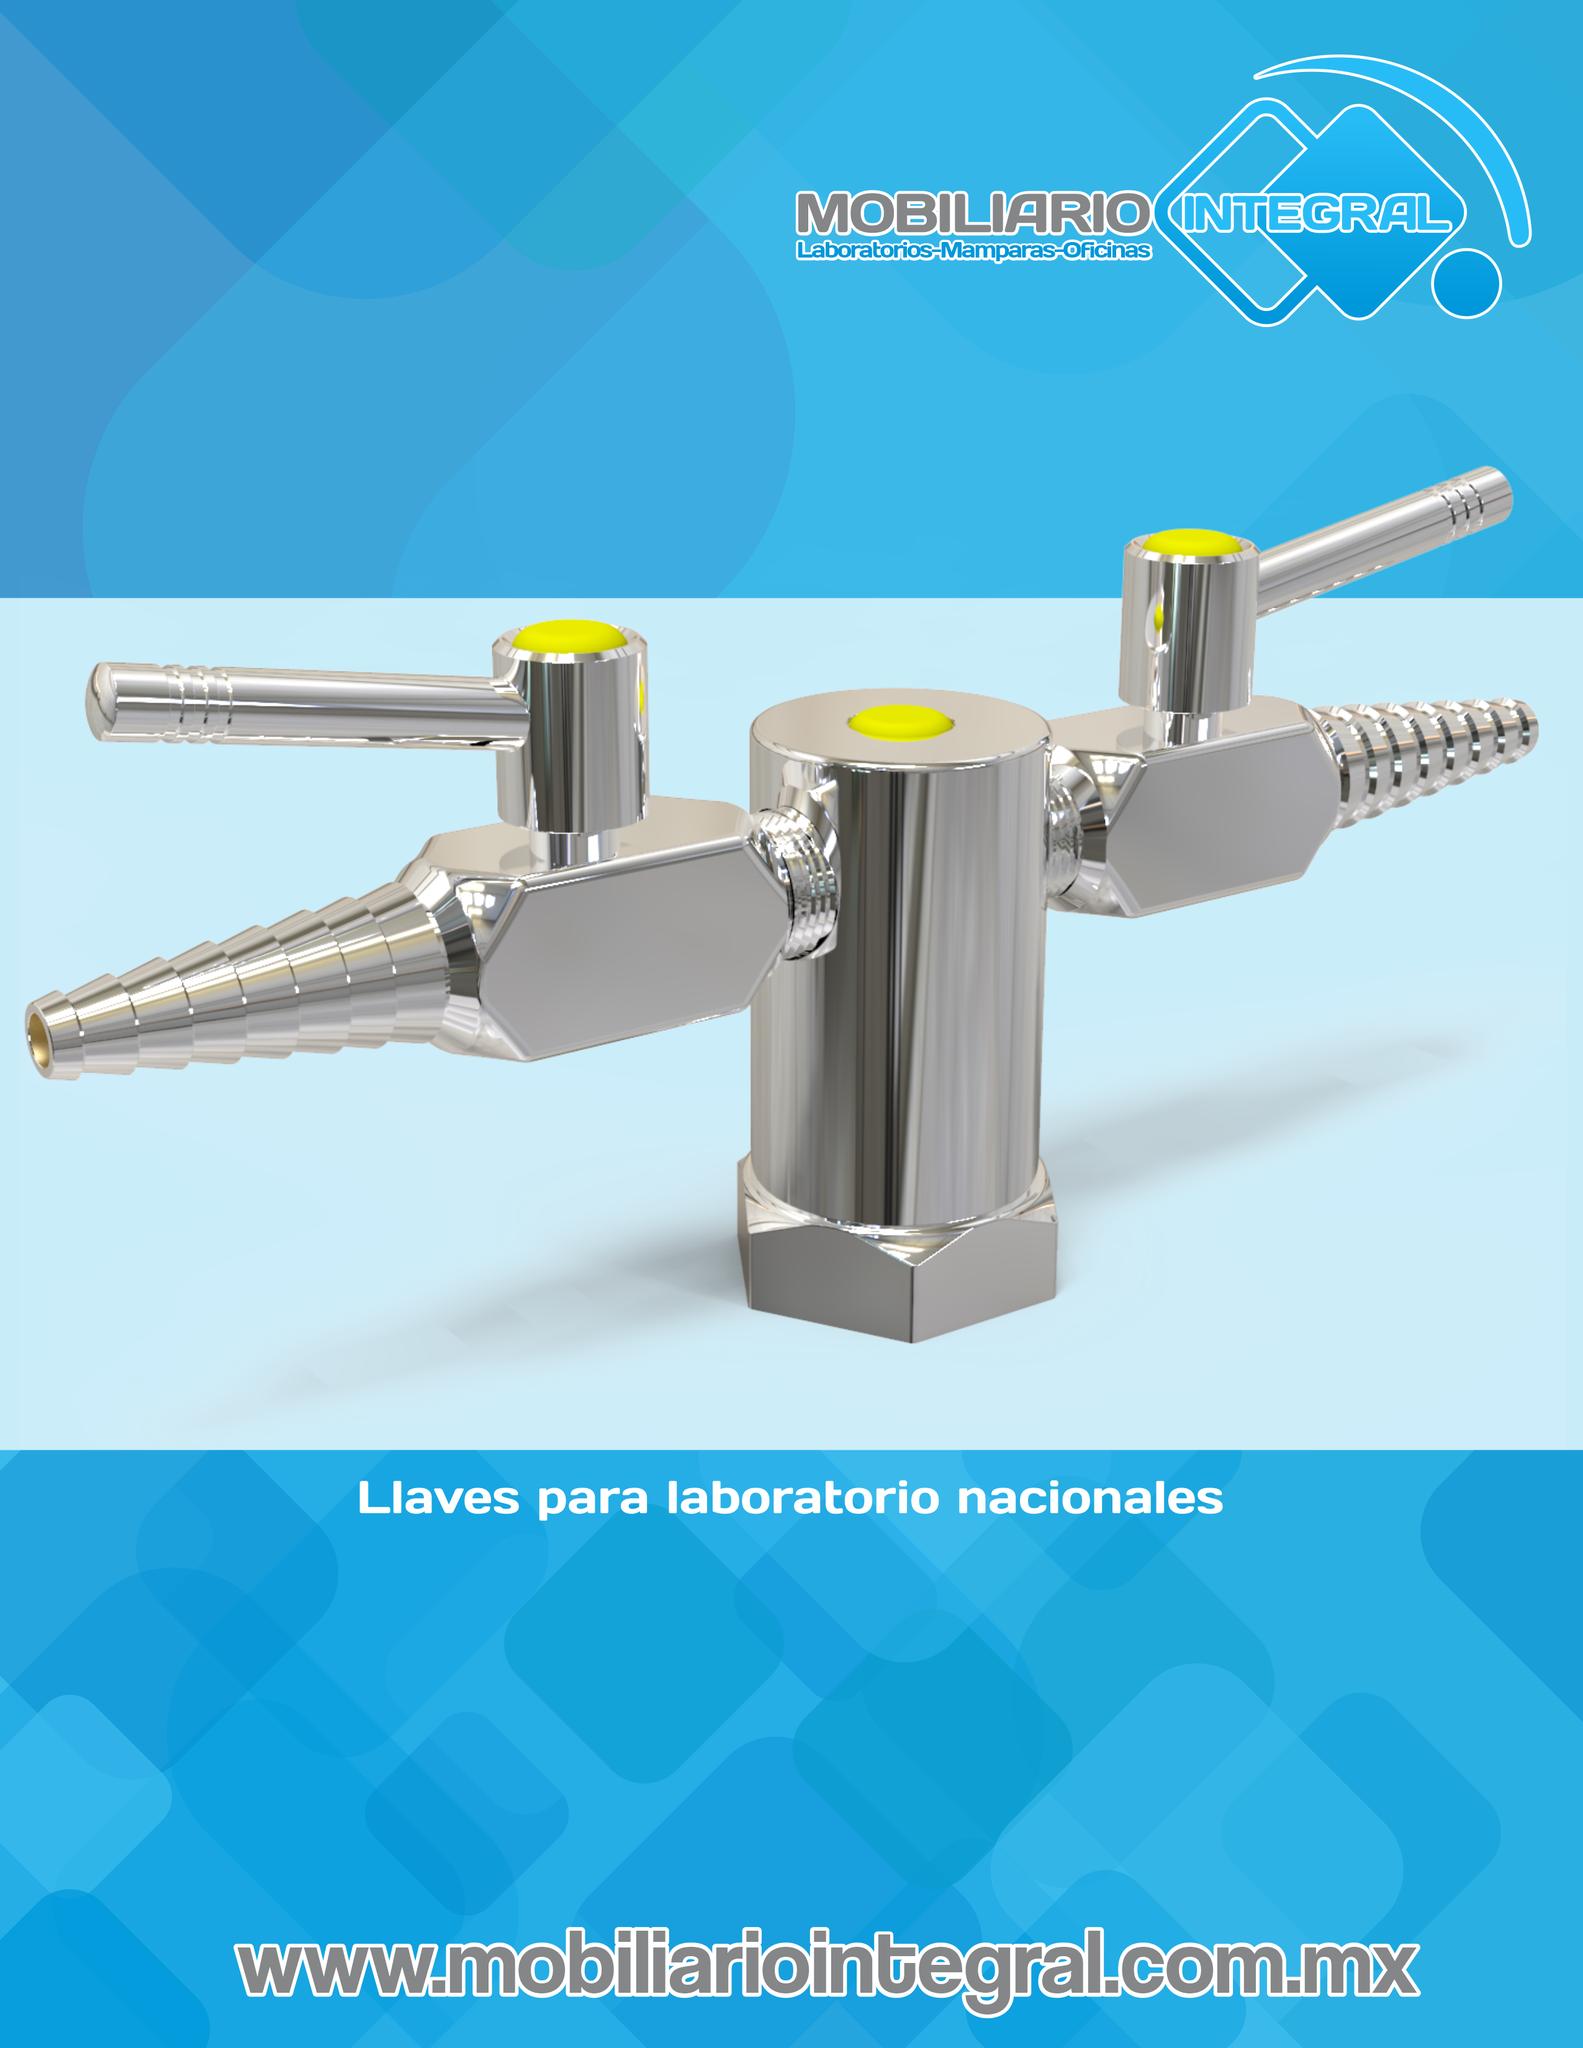 Llaves para laboratorio en Toluca